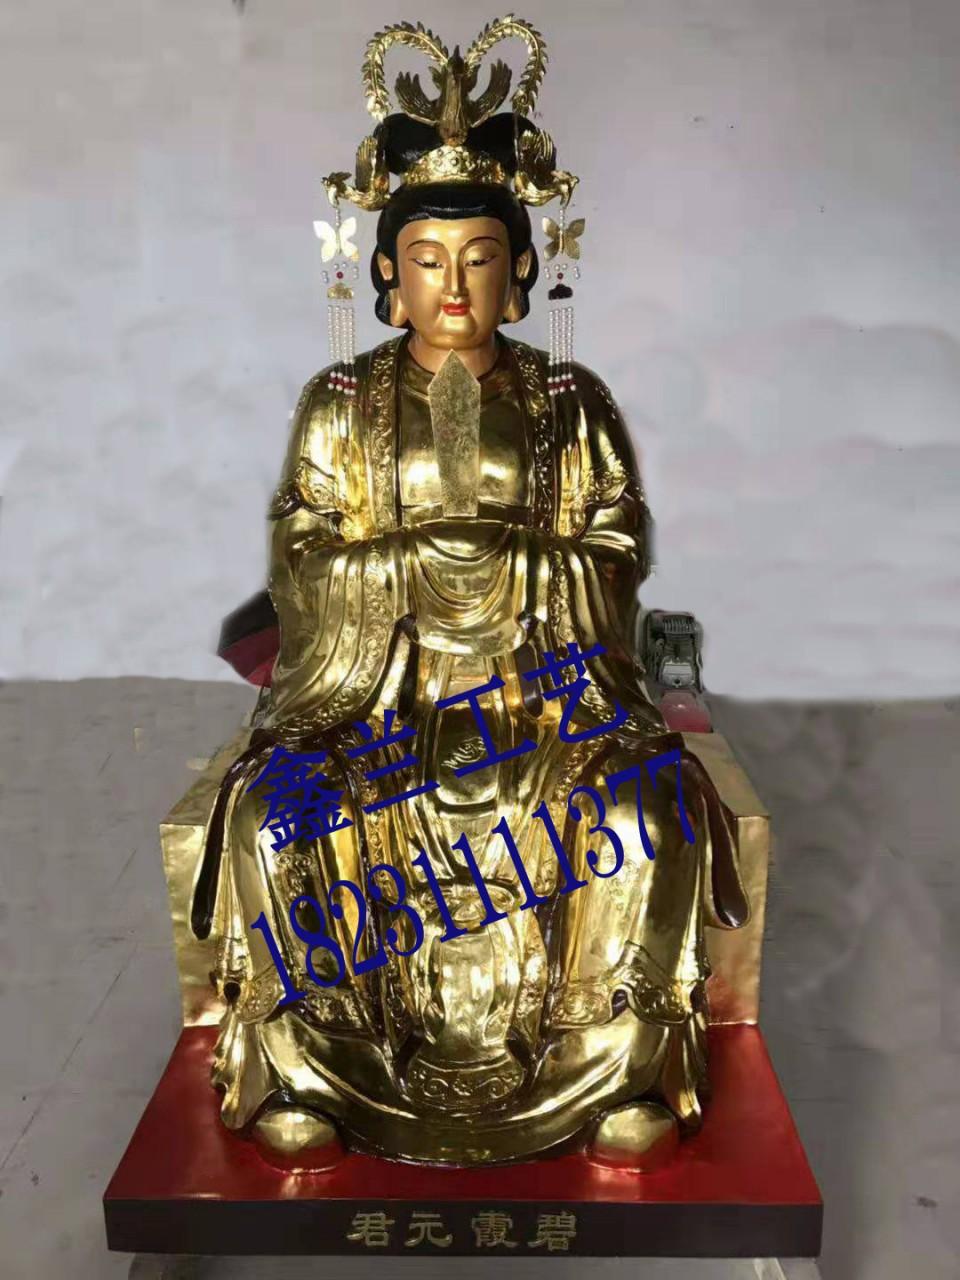 佛像雕塑厂铜雕道教佛像碧霞元君神像价格唐县鑫兰铜雕工艺品厂